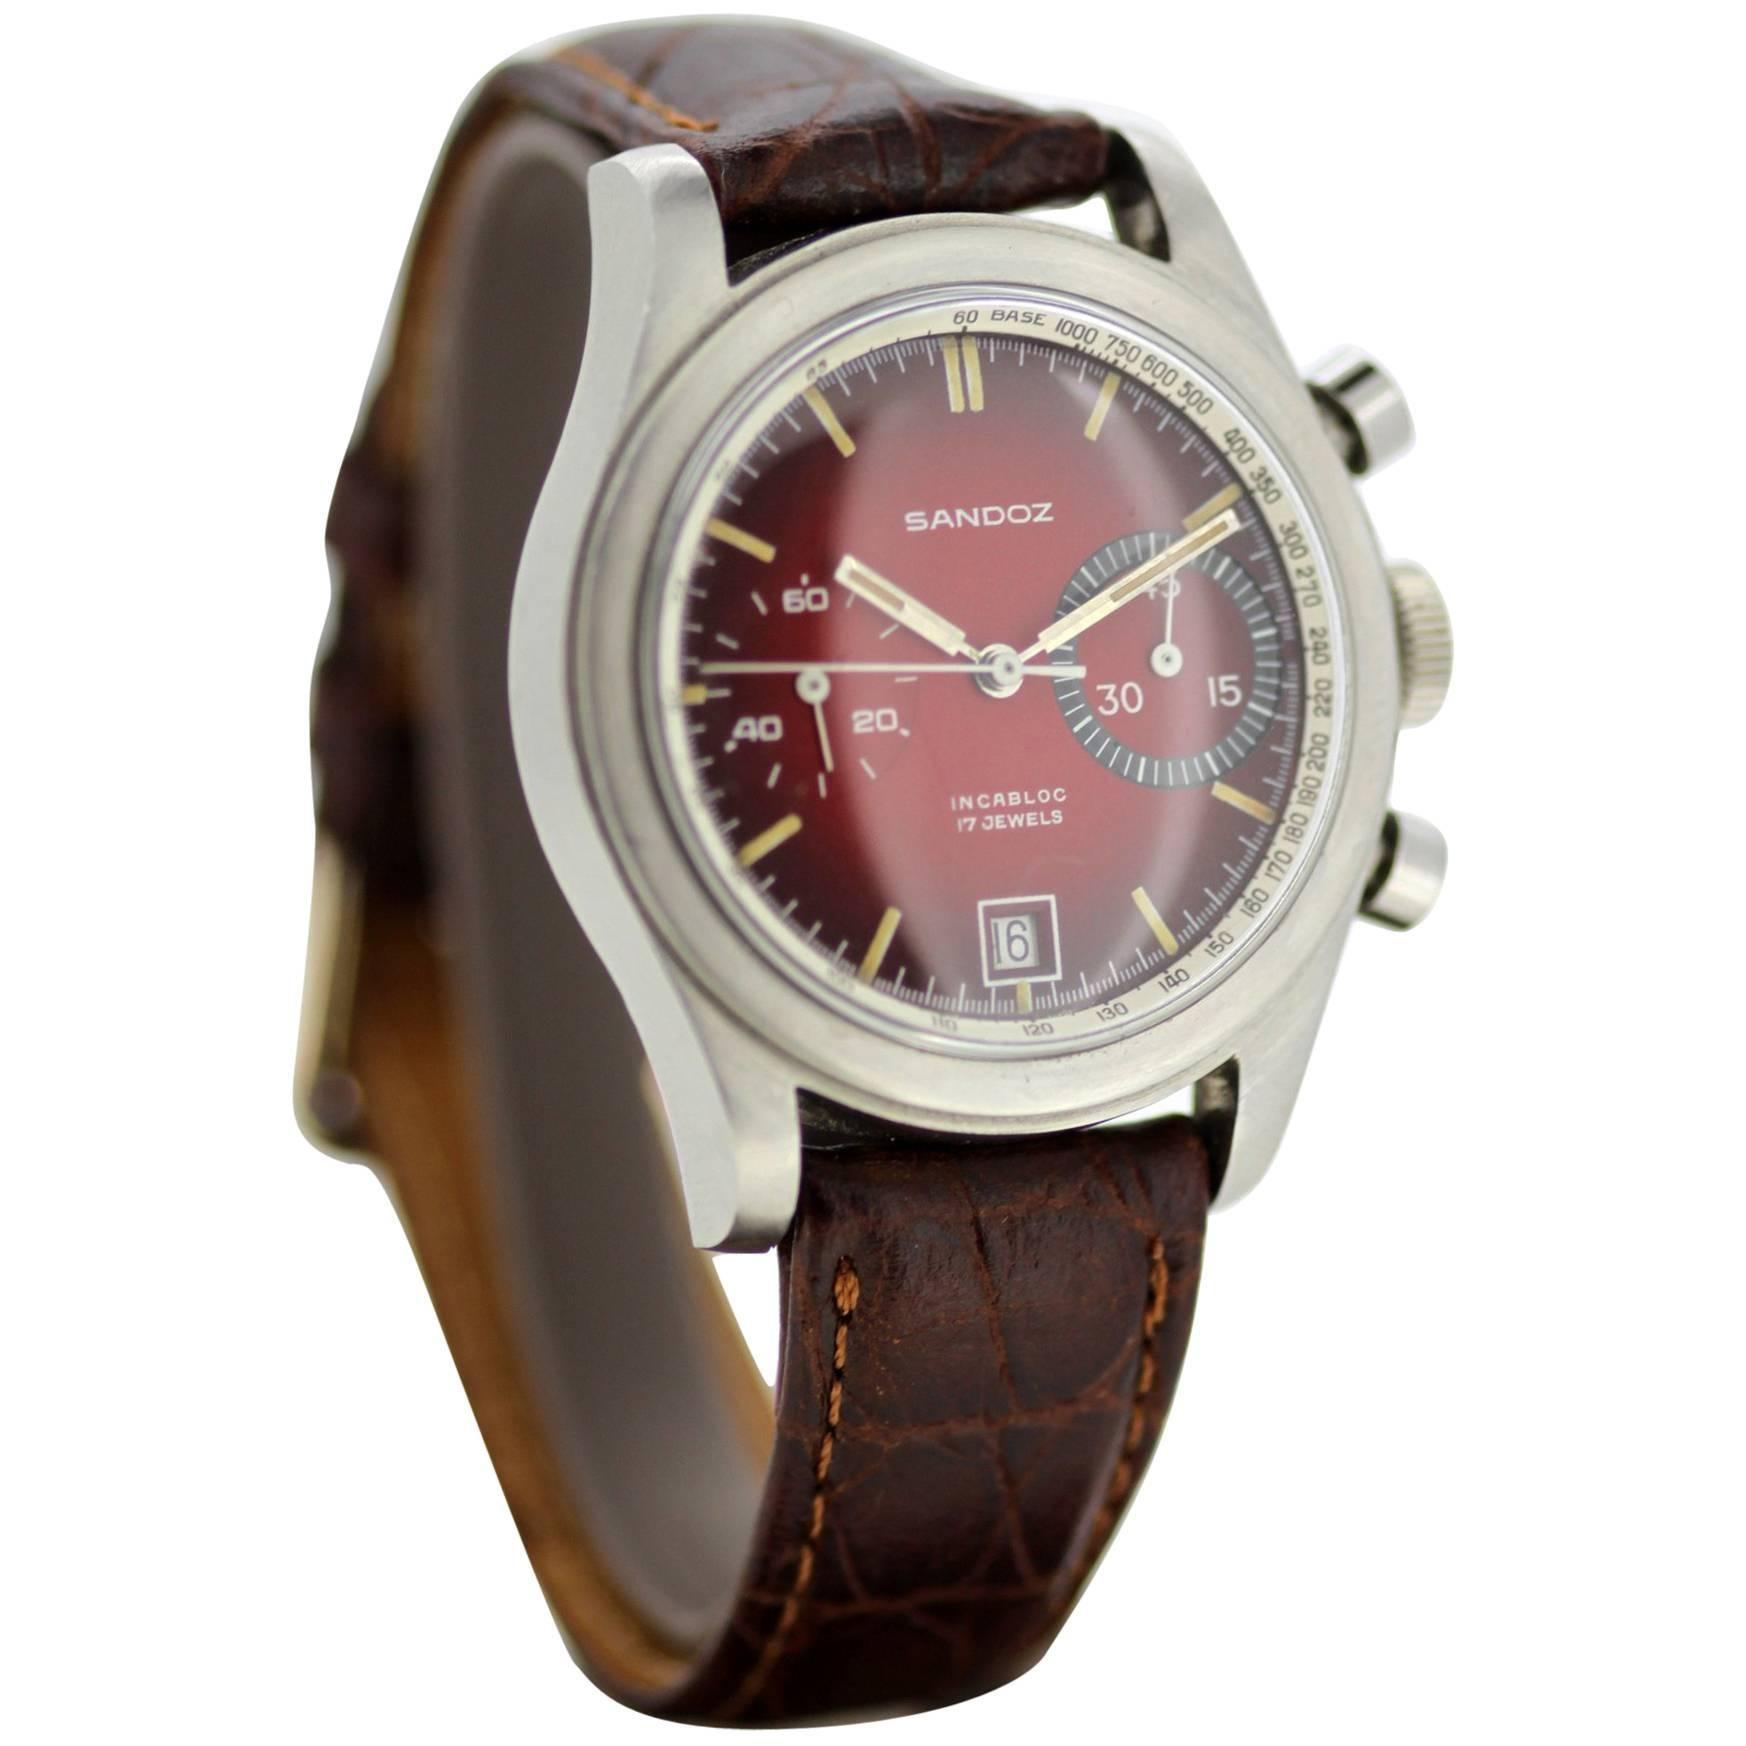 Sandoz Incabloc Vintage Chronograph Watch, Red Vignette Dial, 1960s